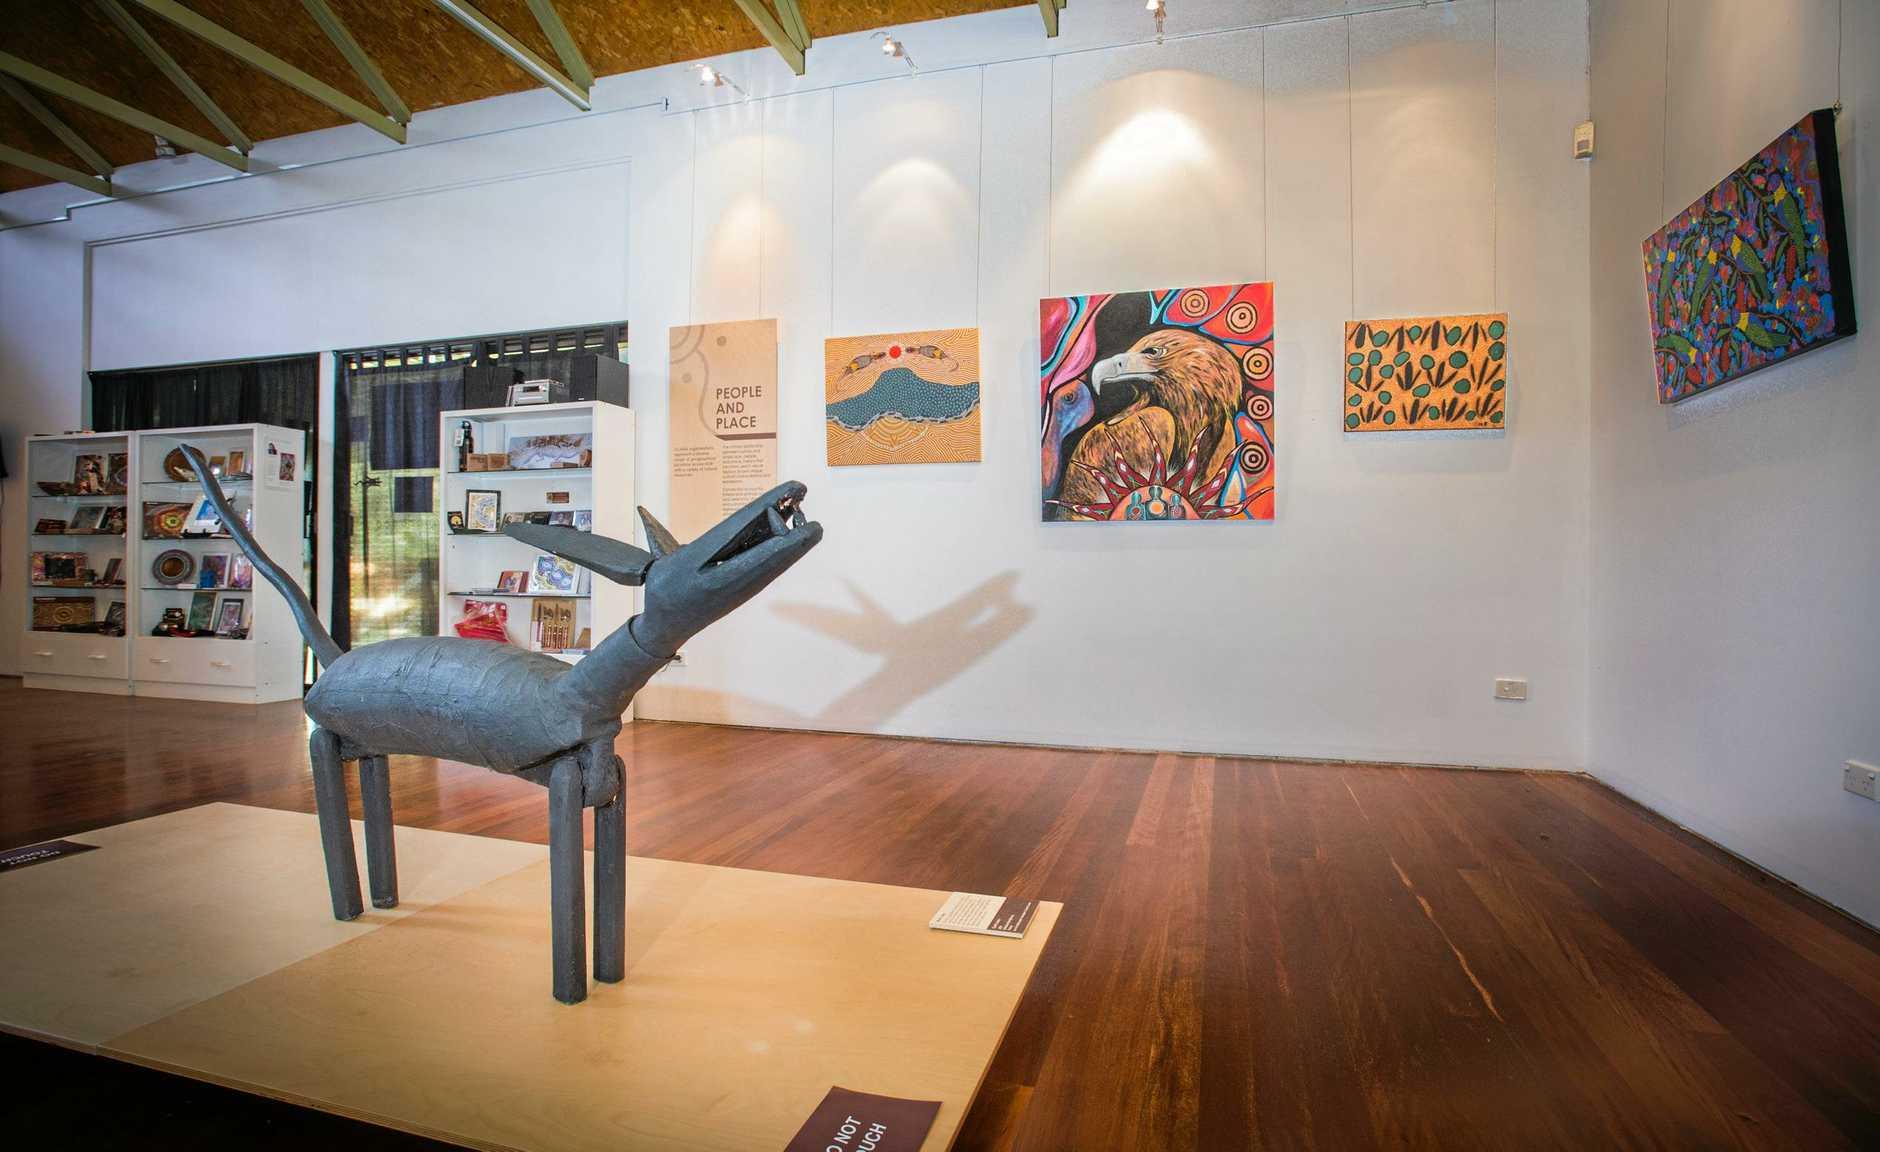 Yarrawarra Aboriginal Cultural Centre, WADJAR REGIONAL INDIGENOUS GALLERY COLLECTION